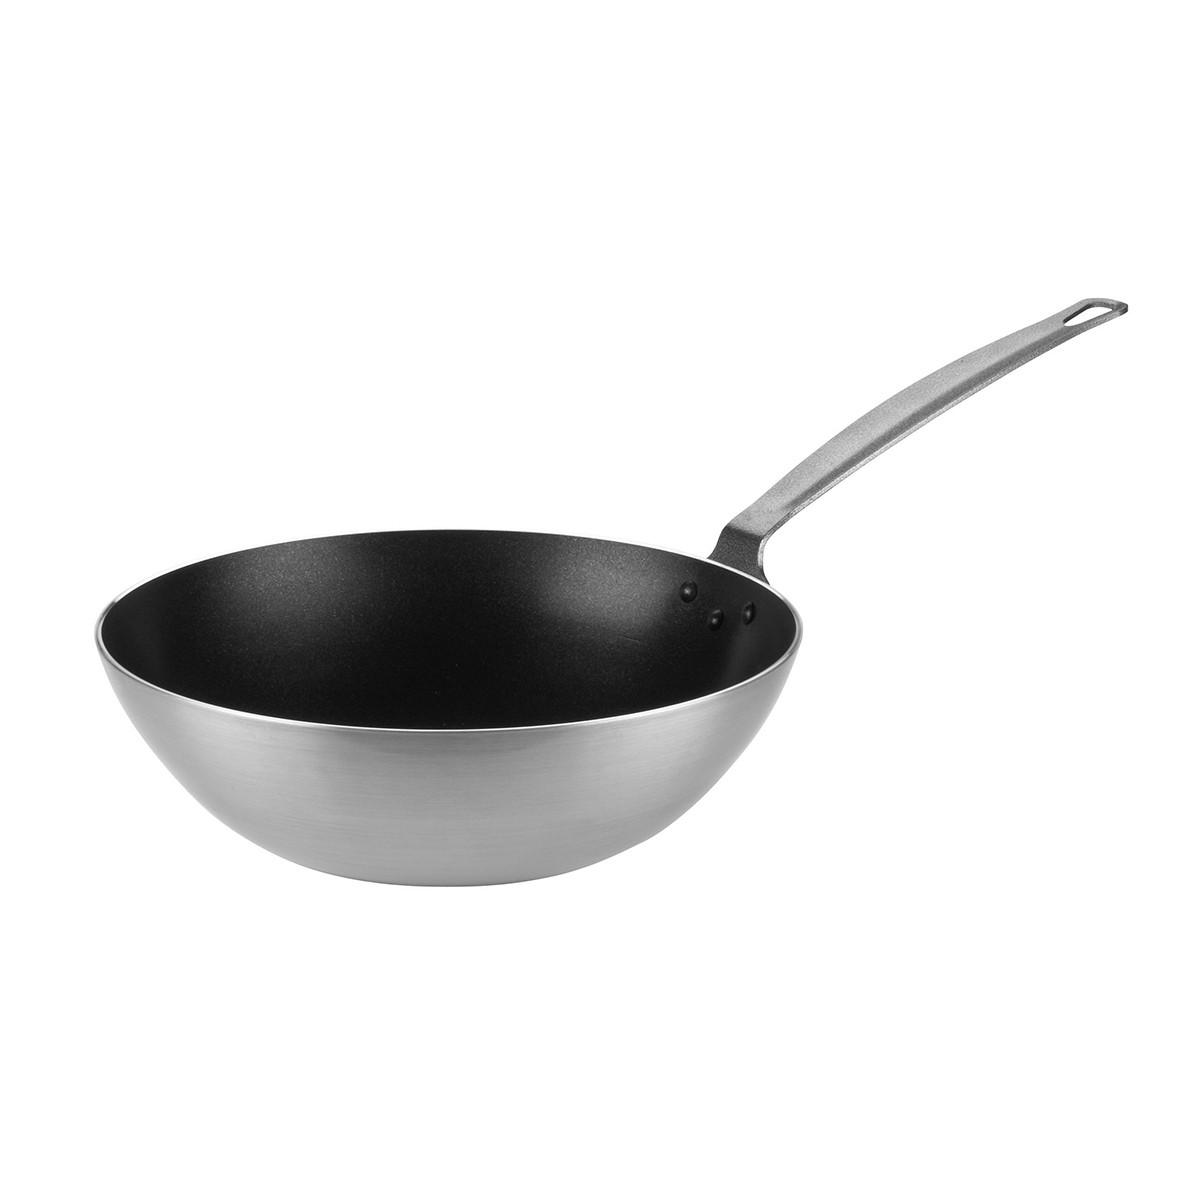 Сковорода WOK с антипригарным покрытием HLS 28см (7798Т)